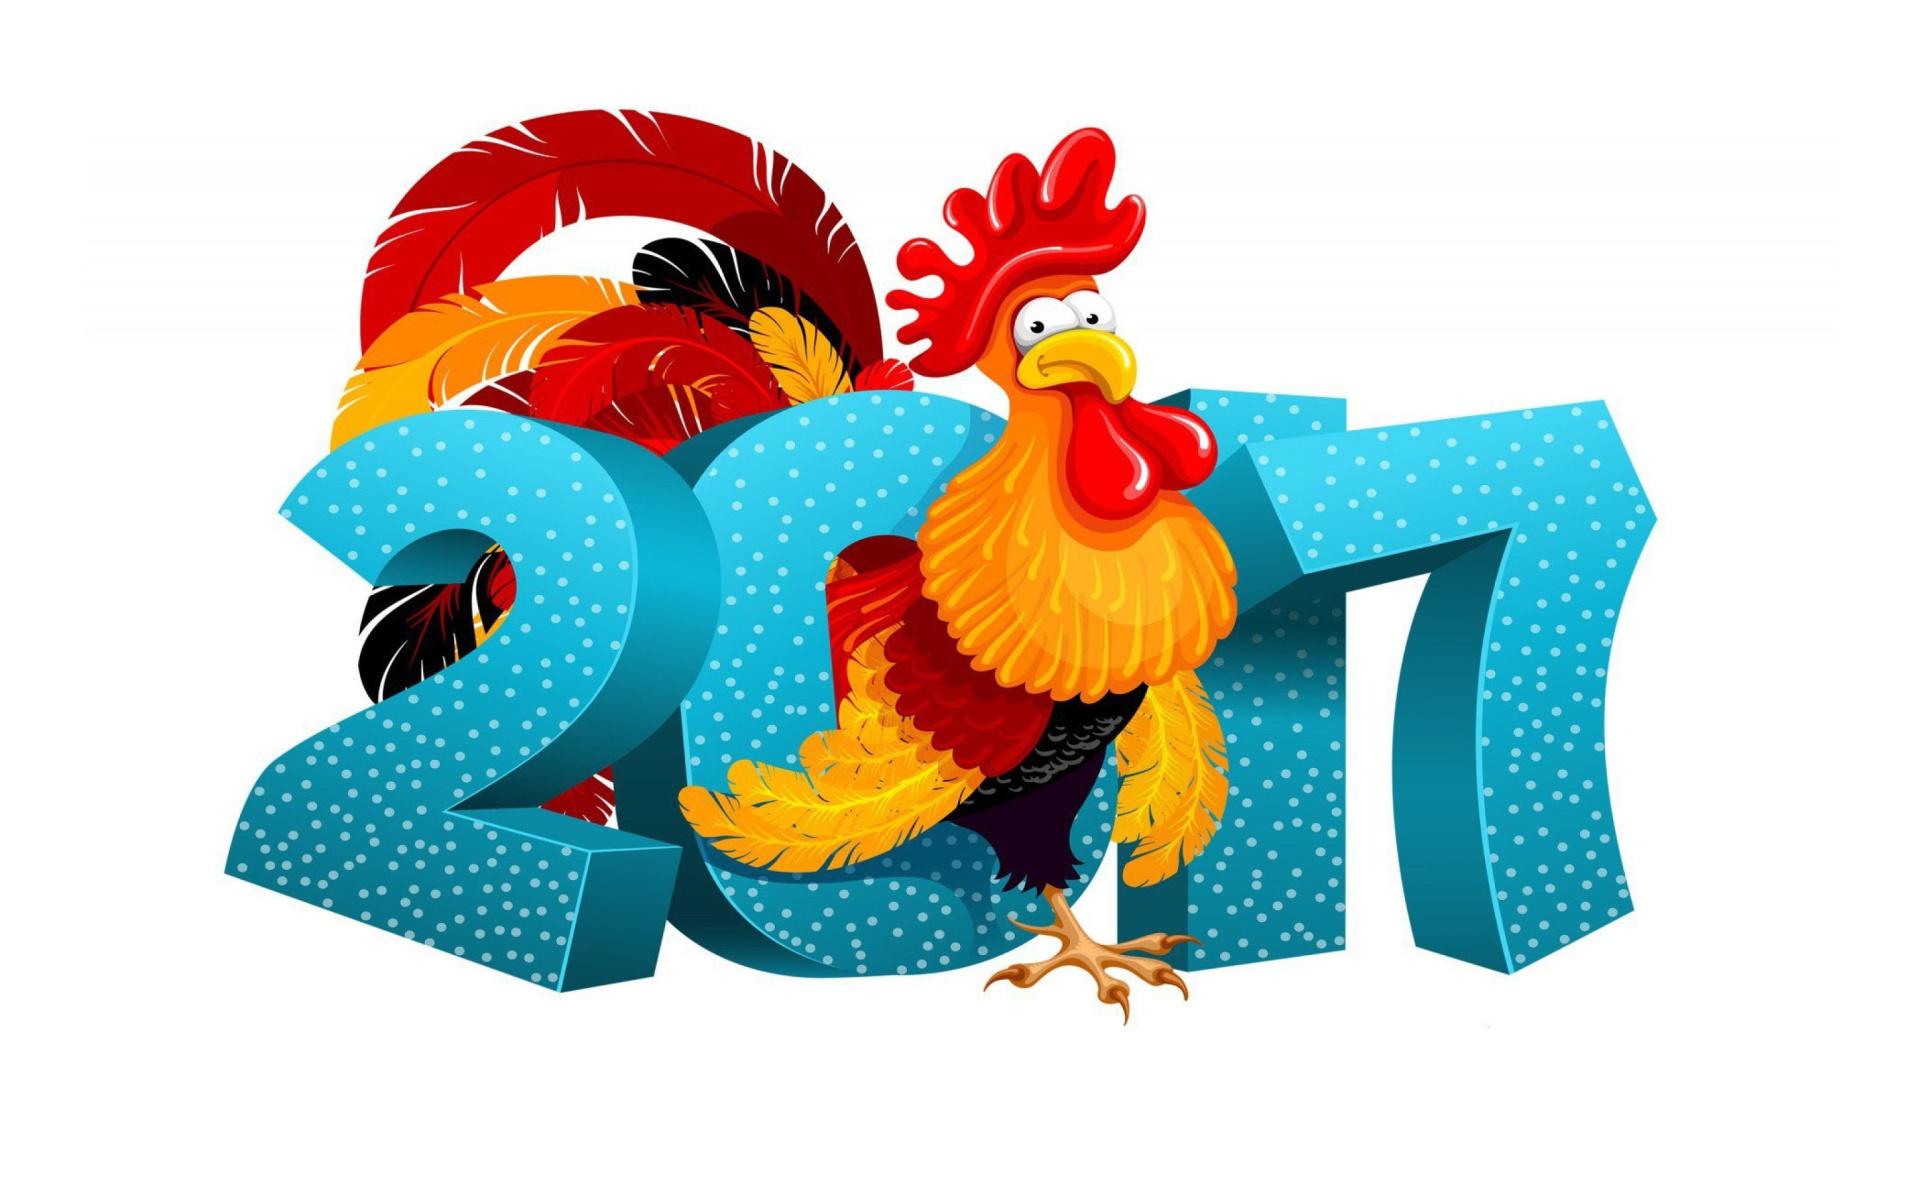 Фото на тему: Как встретишь Новый год, так его и проведешь. Верите в это?